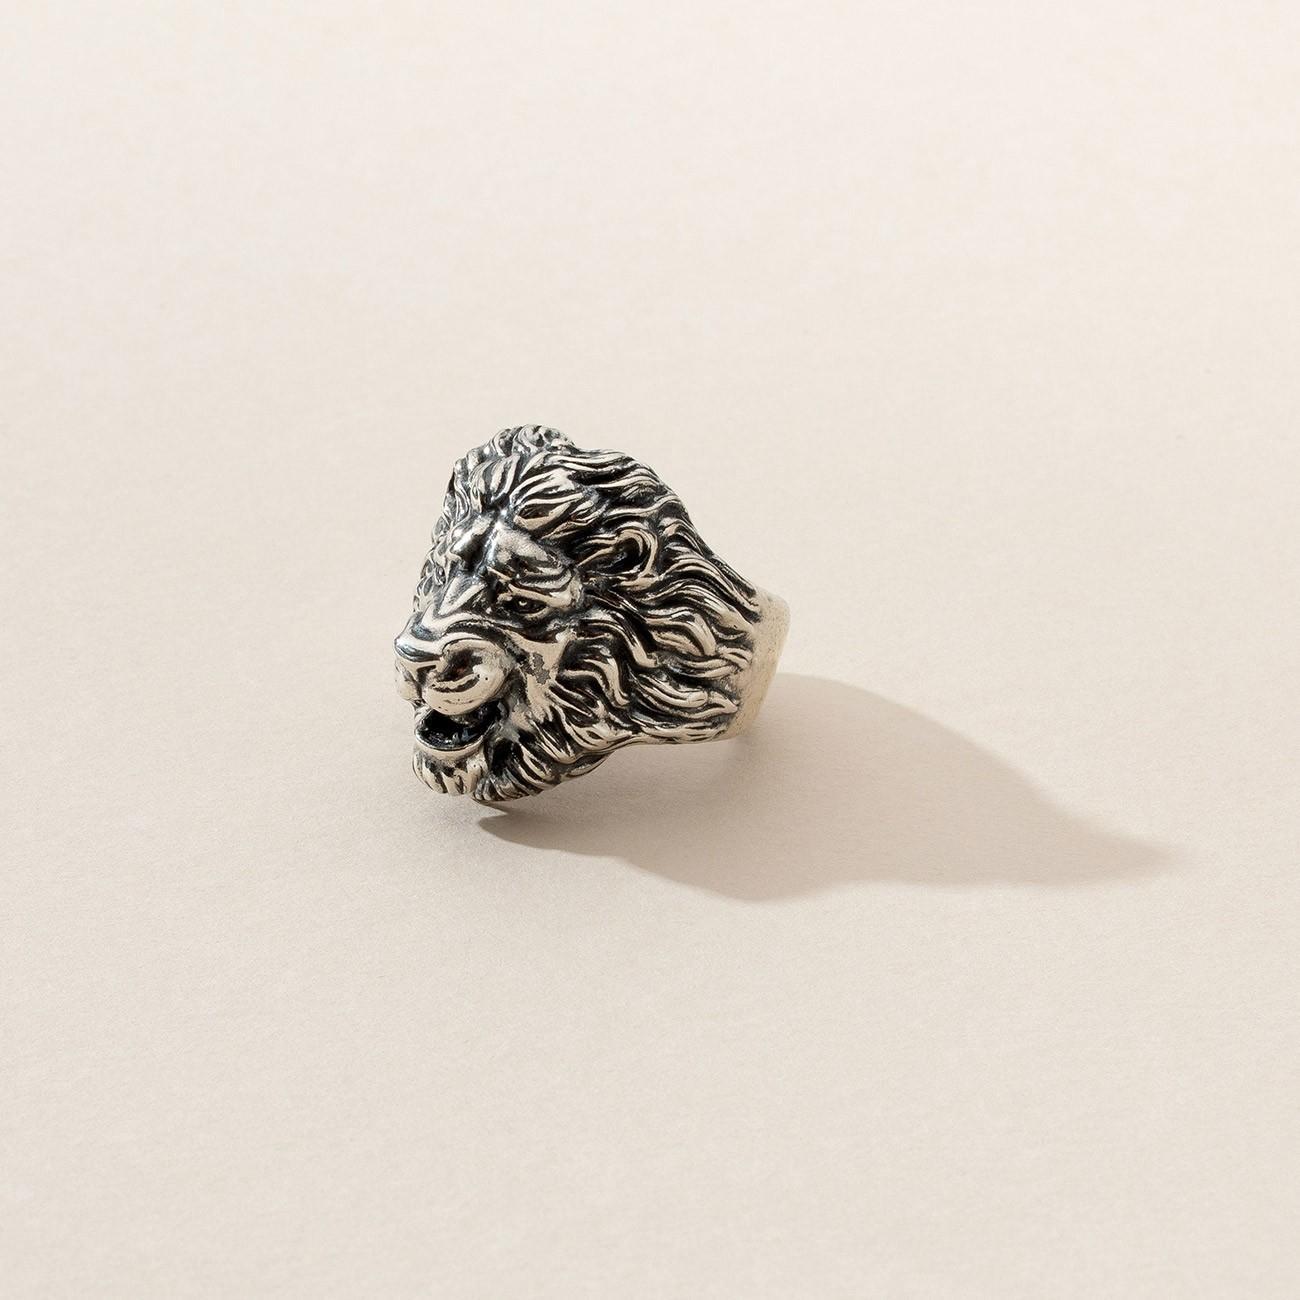 Sygnet lew, srebro 925